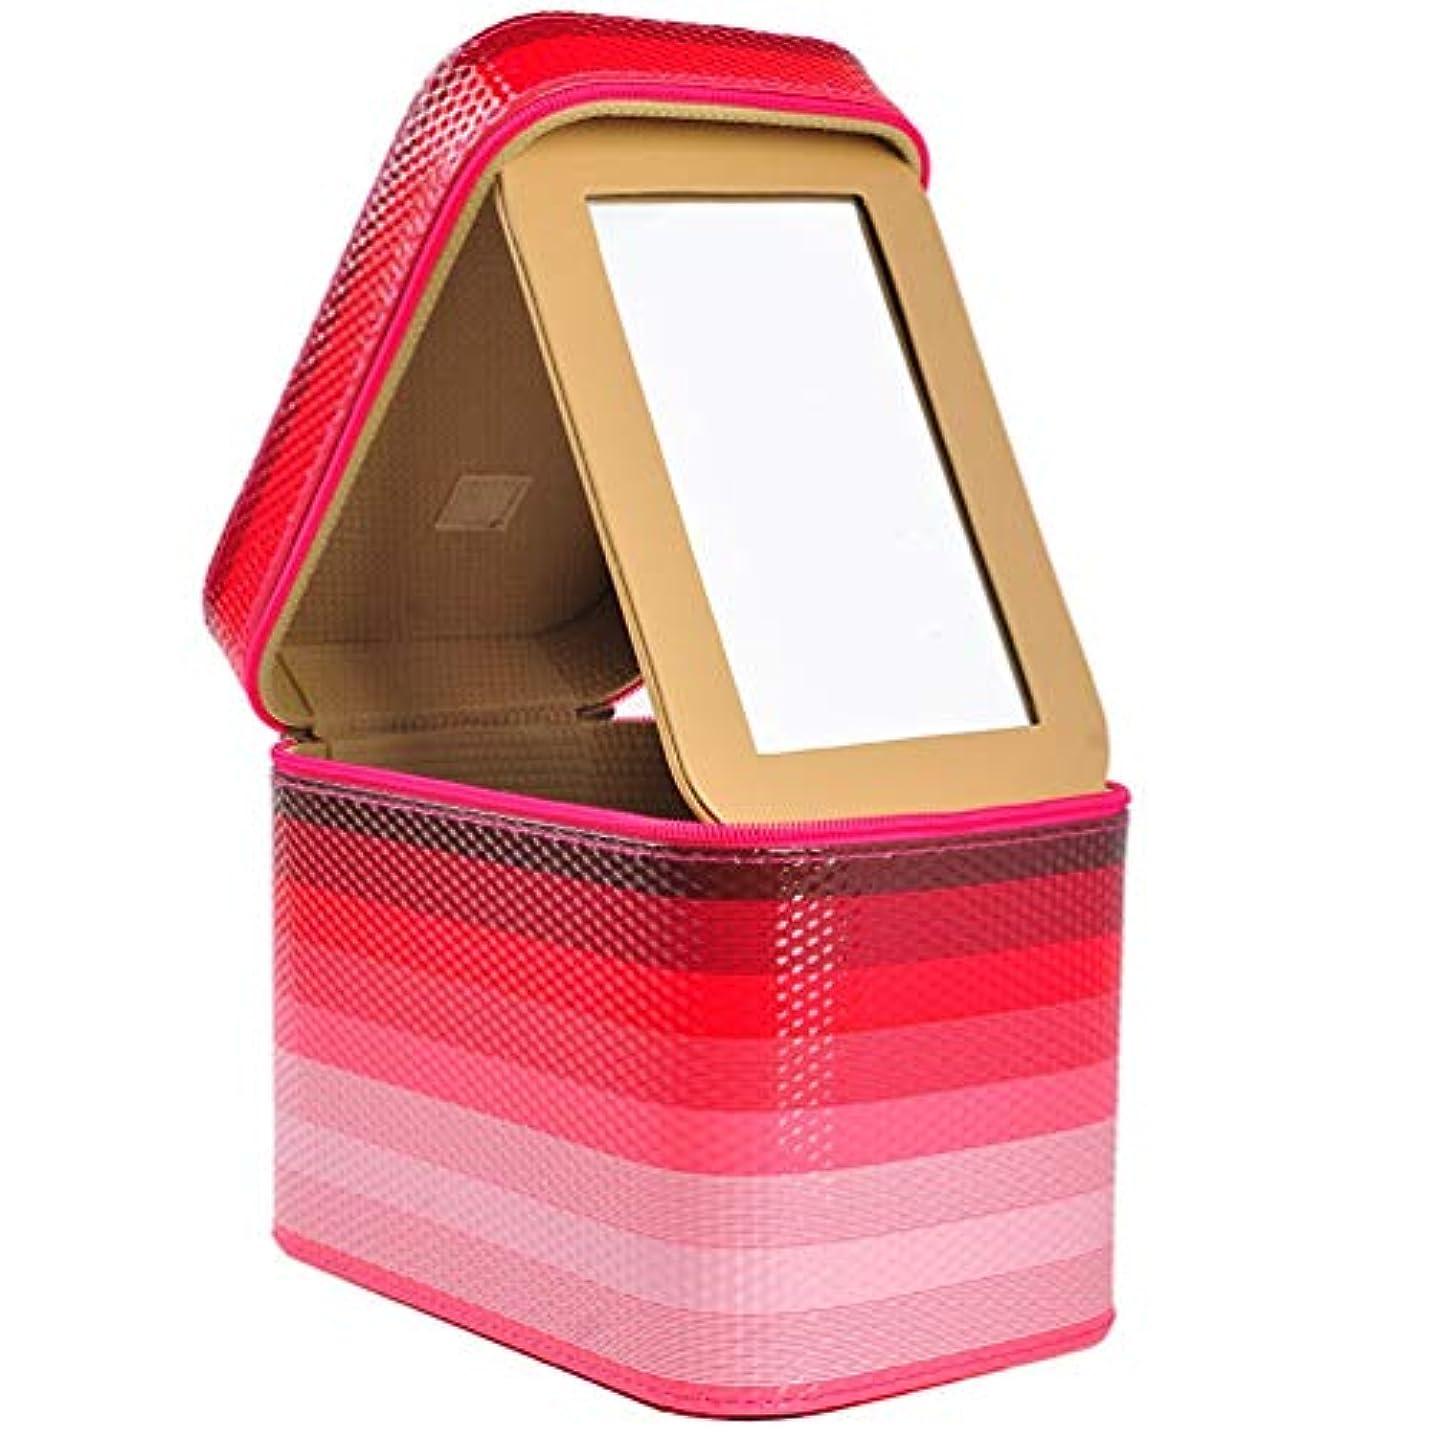 にはまって厚くするの頭の上[カタク]メイクボックス コスメボックス 大容量 鏡付き 化粧ボックス おしゃれ 取っ手付 携帯便利 化粧道具 メイクブラシ 小物 出張 旅行 機能的 PUレザー プロ仕様 きらきら 化粧ポーチ コスメBOX